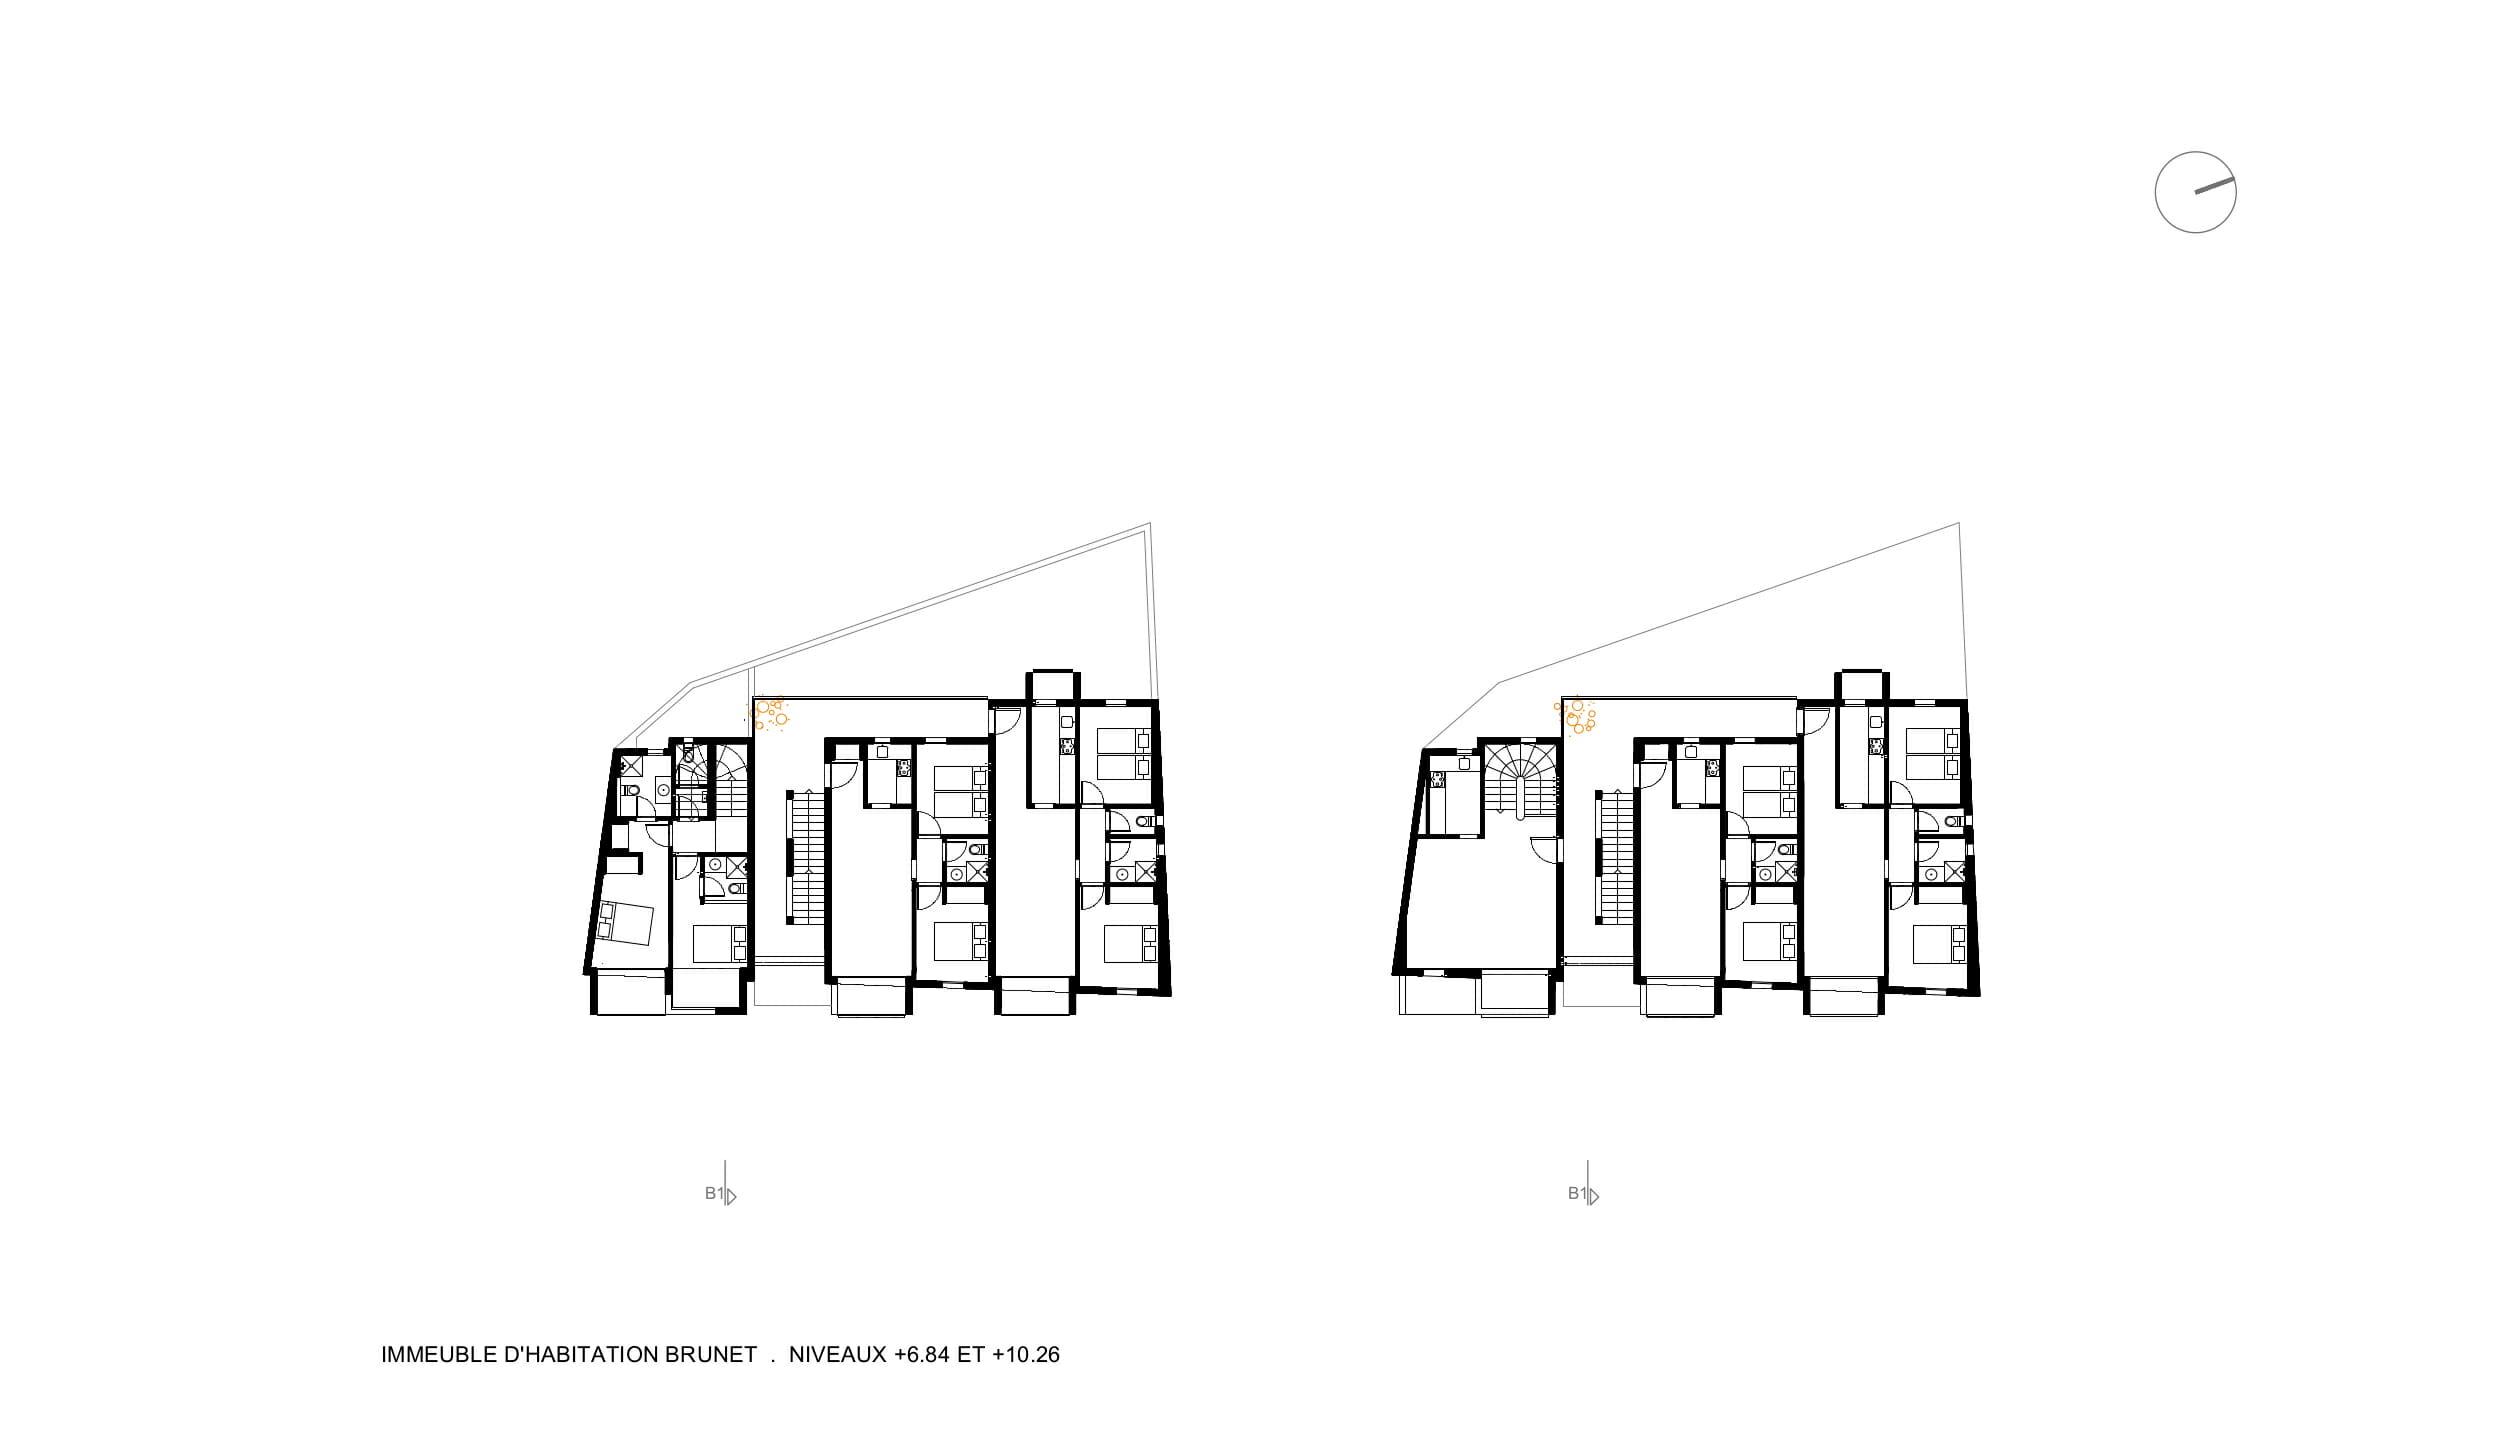 BRUNET.plan-02-niveau-+6.84